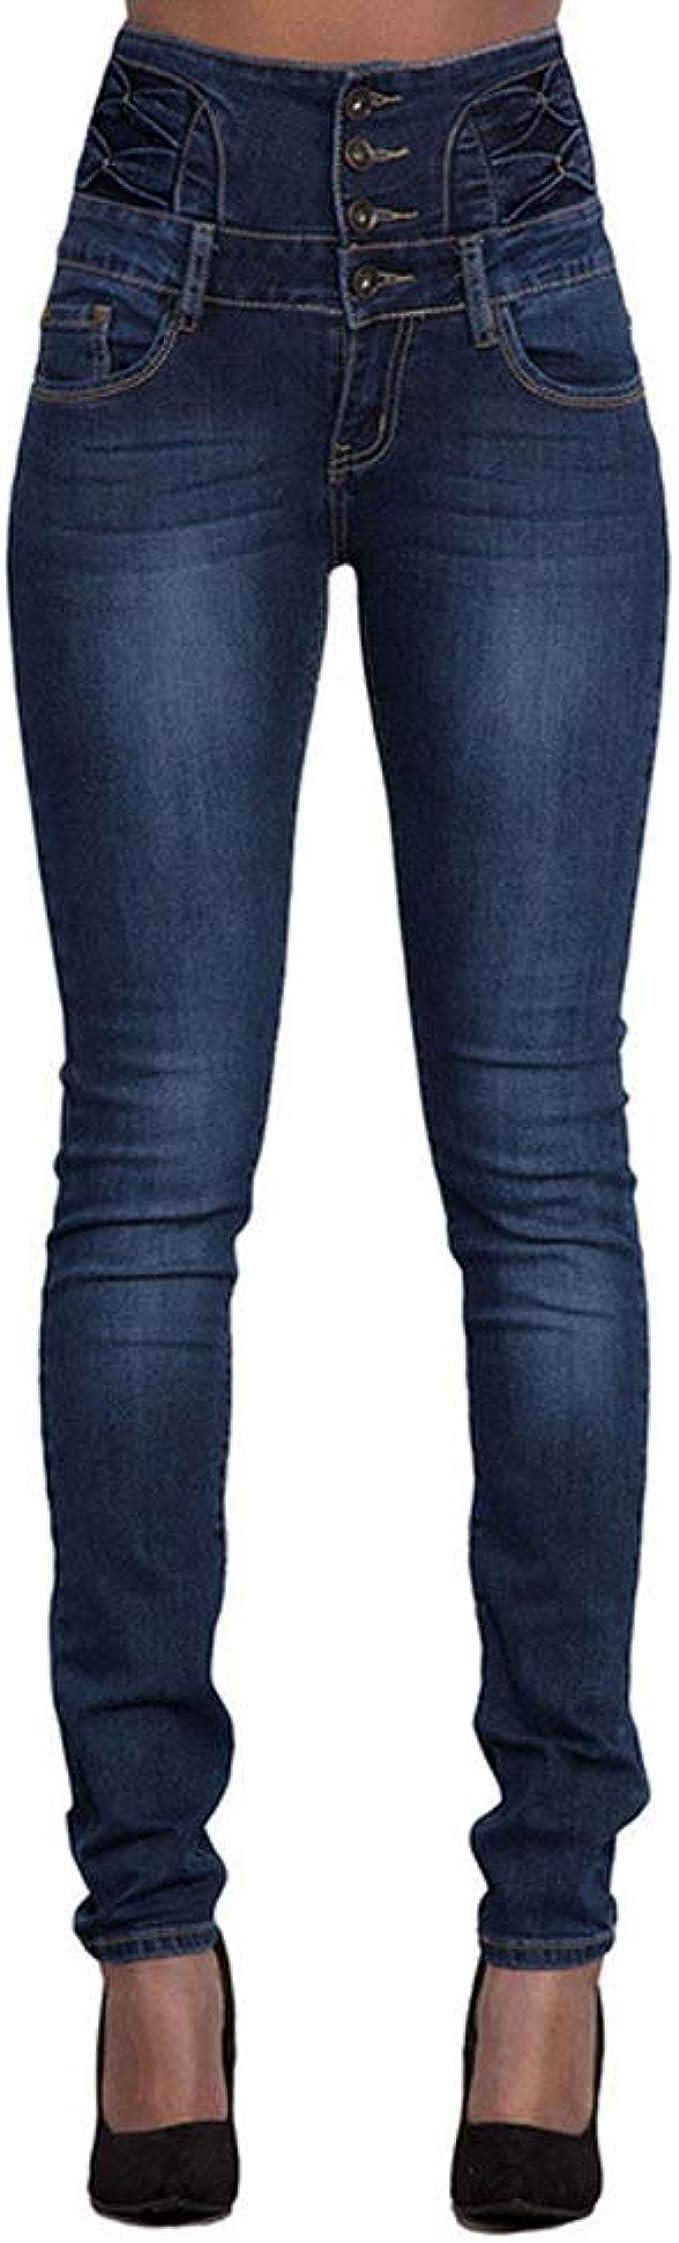 Mibuy Pantalones Vaqueros Mujer Elasticos Shaping Slim Flacos Jeans Vaqueros Mujer Tallas Grandes Altos Ajustados Largos Mujer Anchos Casual Straight Skinny High Waist Leggings Lookool Ro